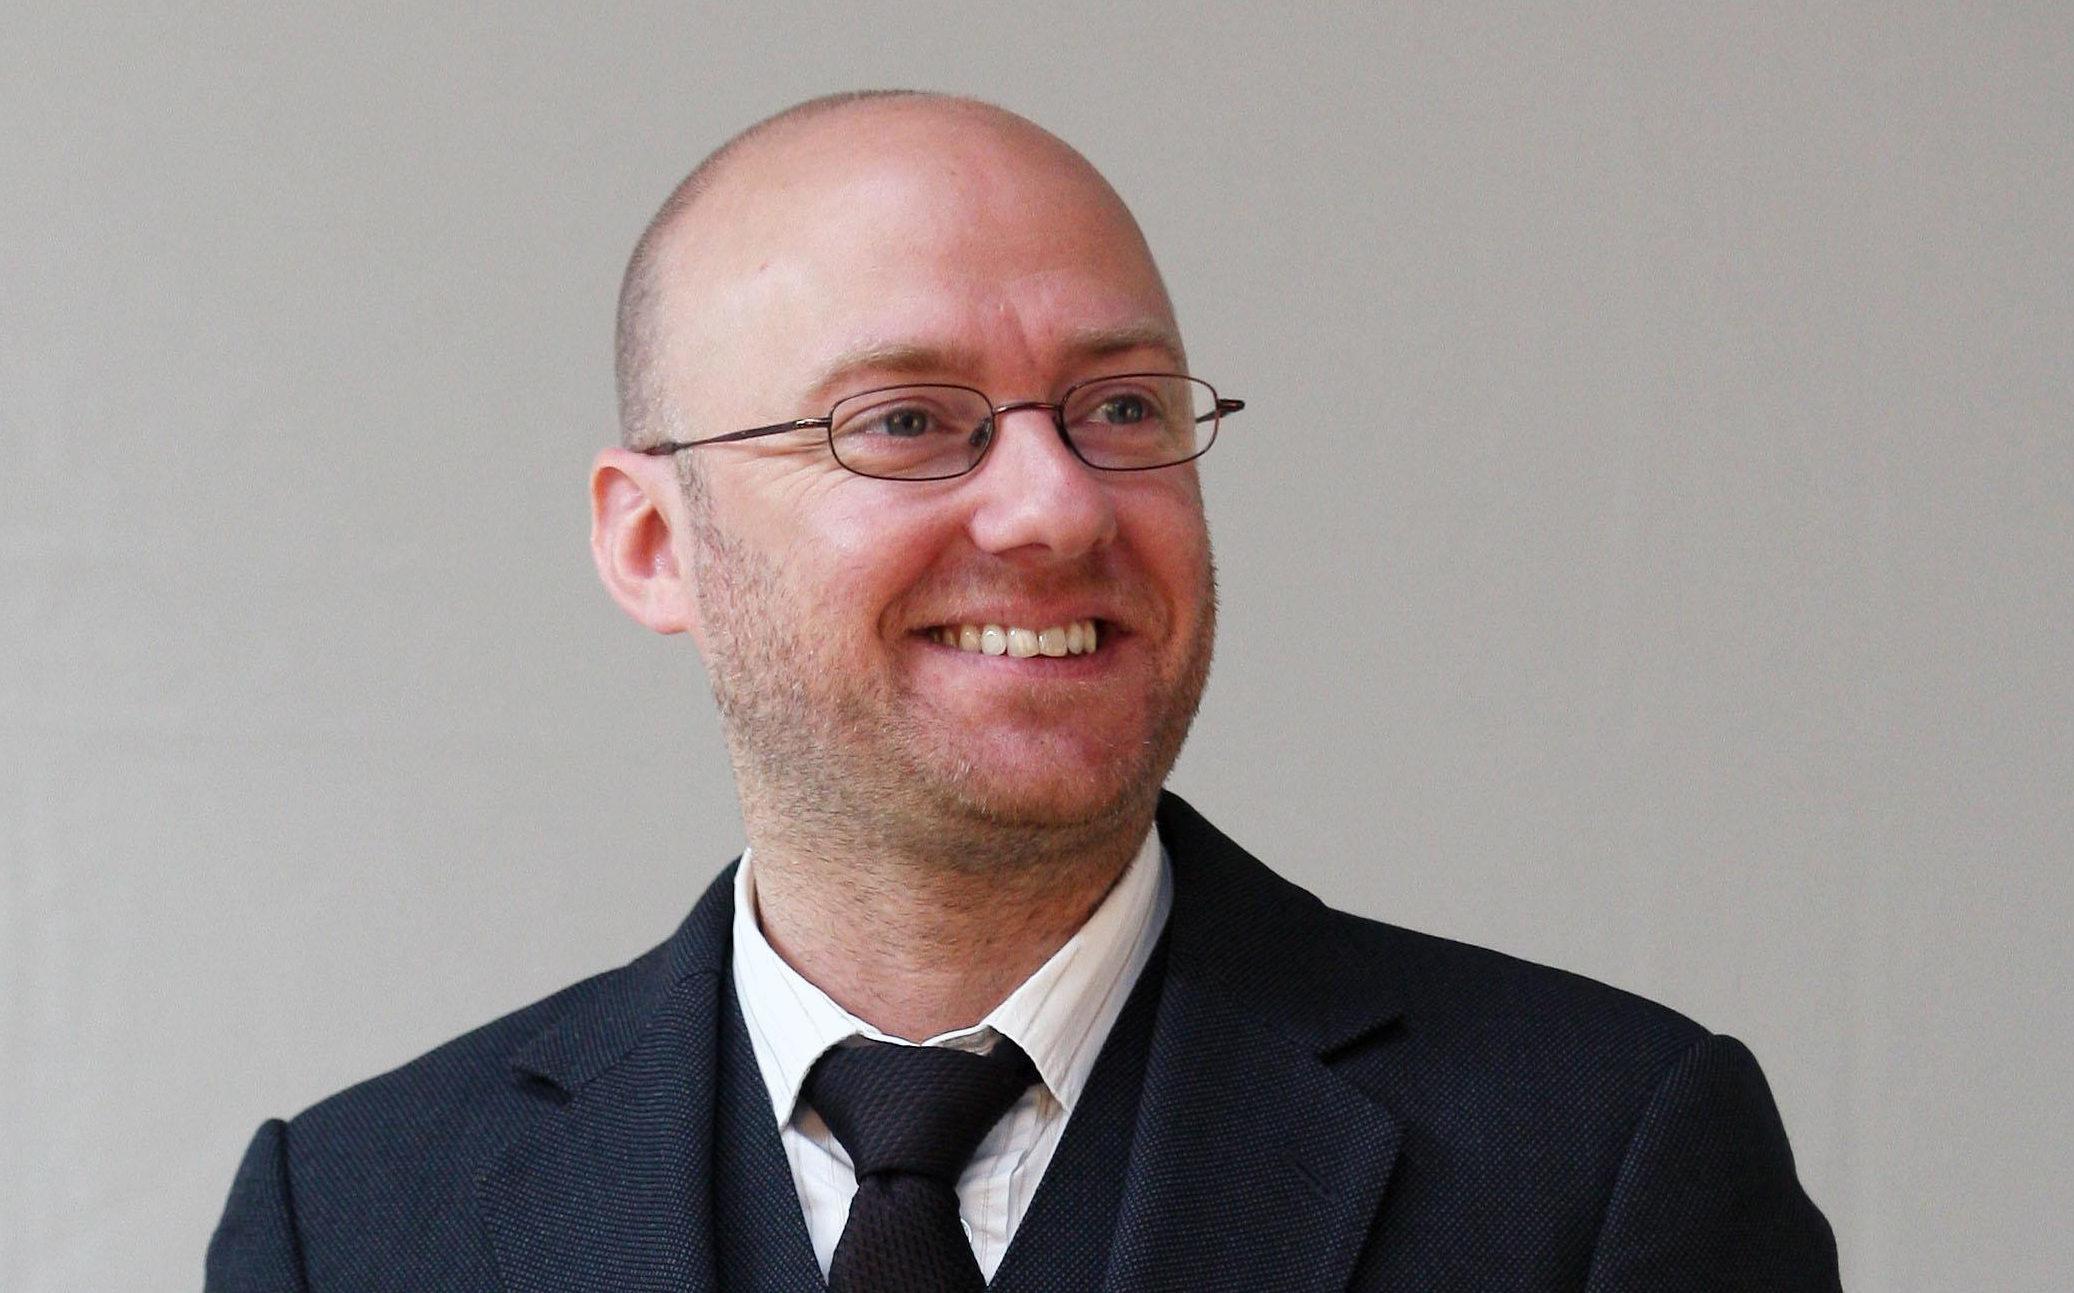 Patrick Harvie (PA)